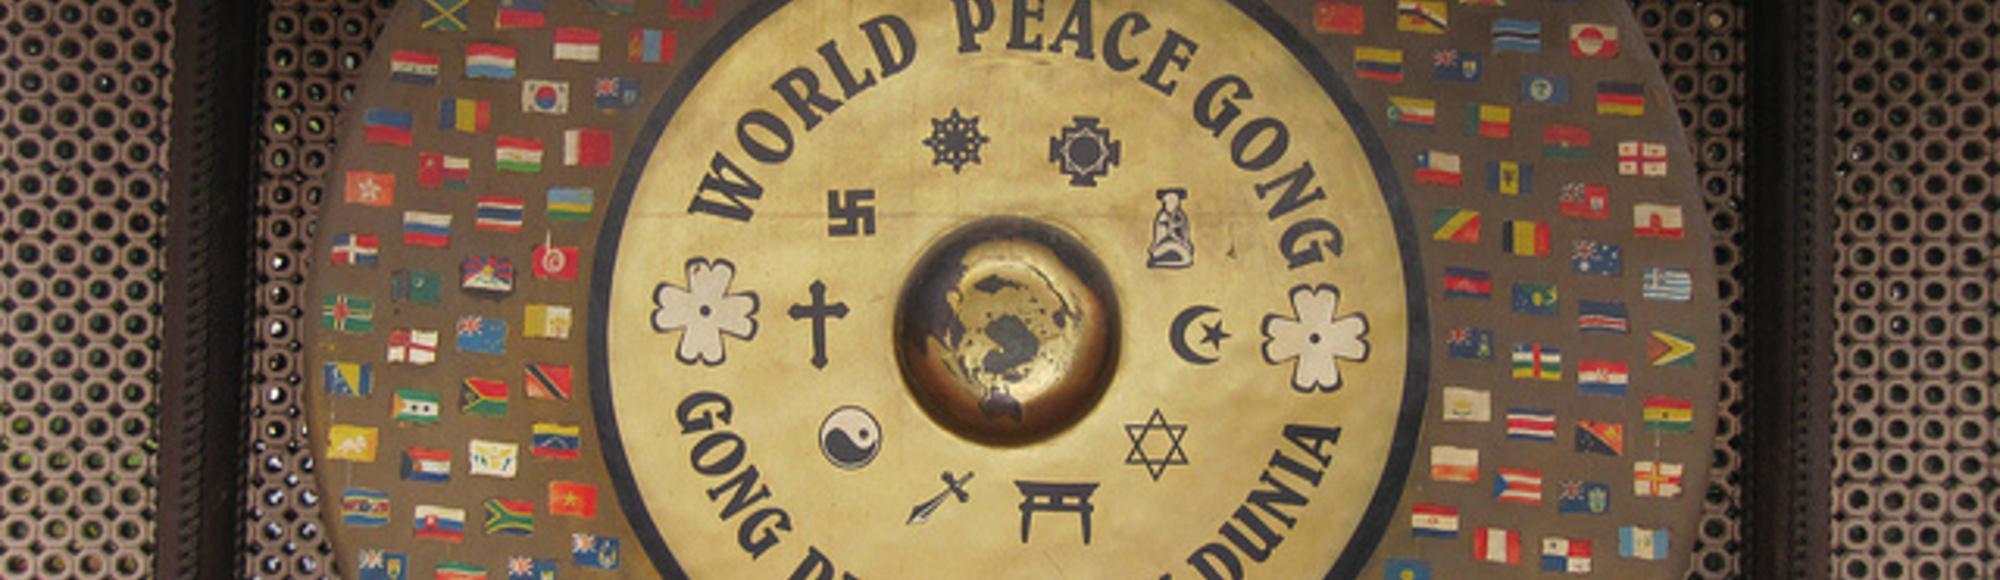 Is the World Finally Heading Towards World Peace?